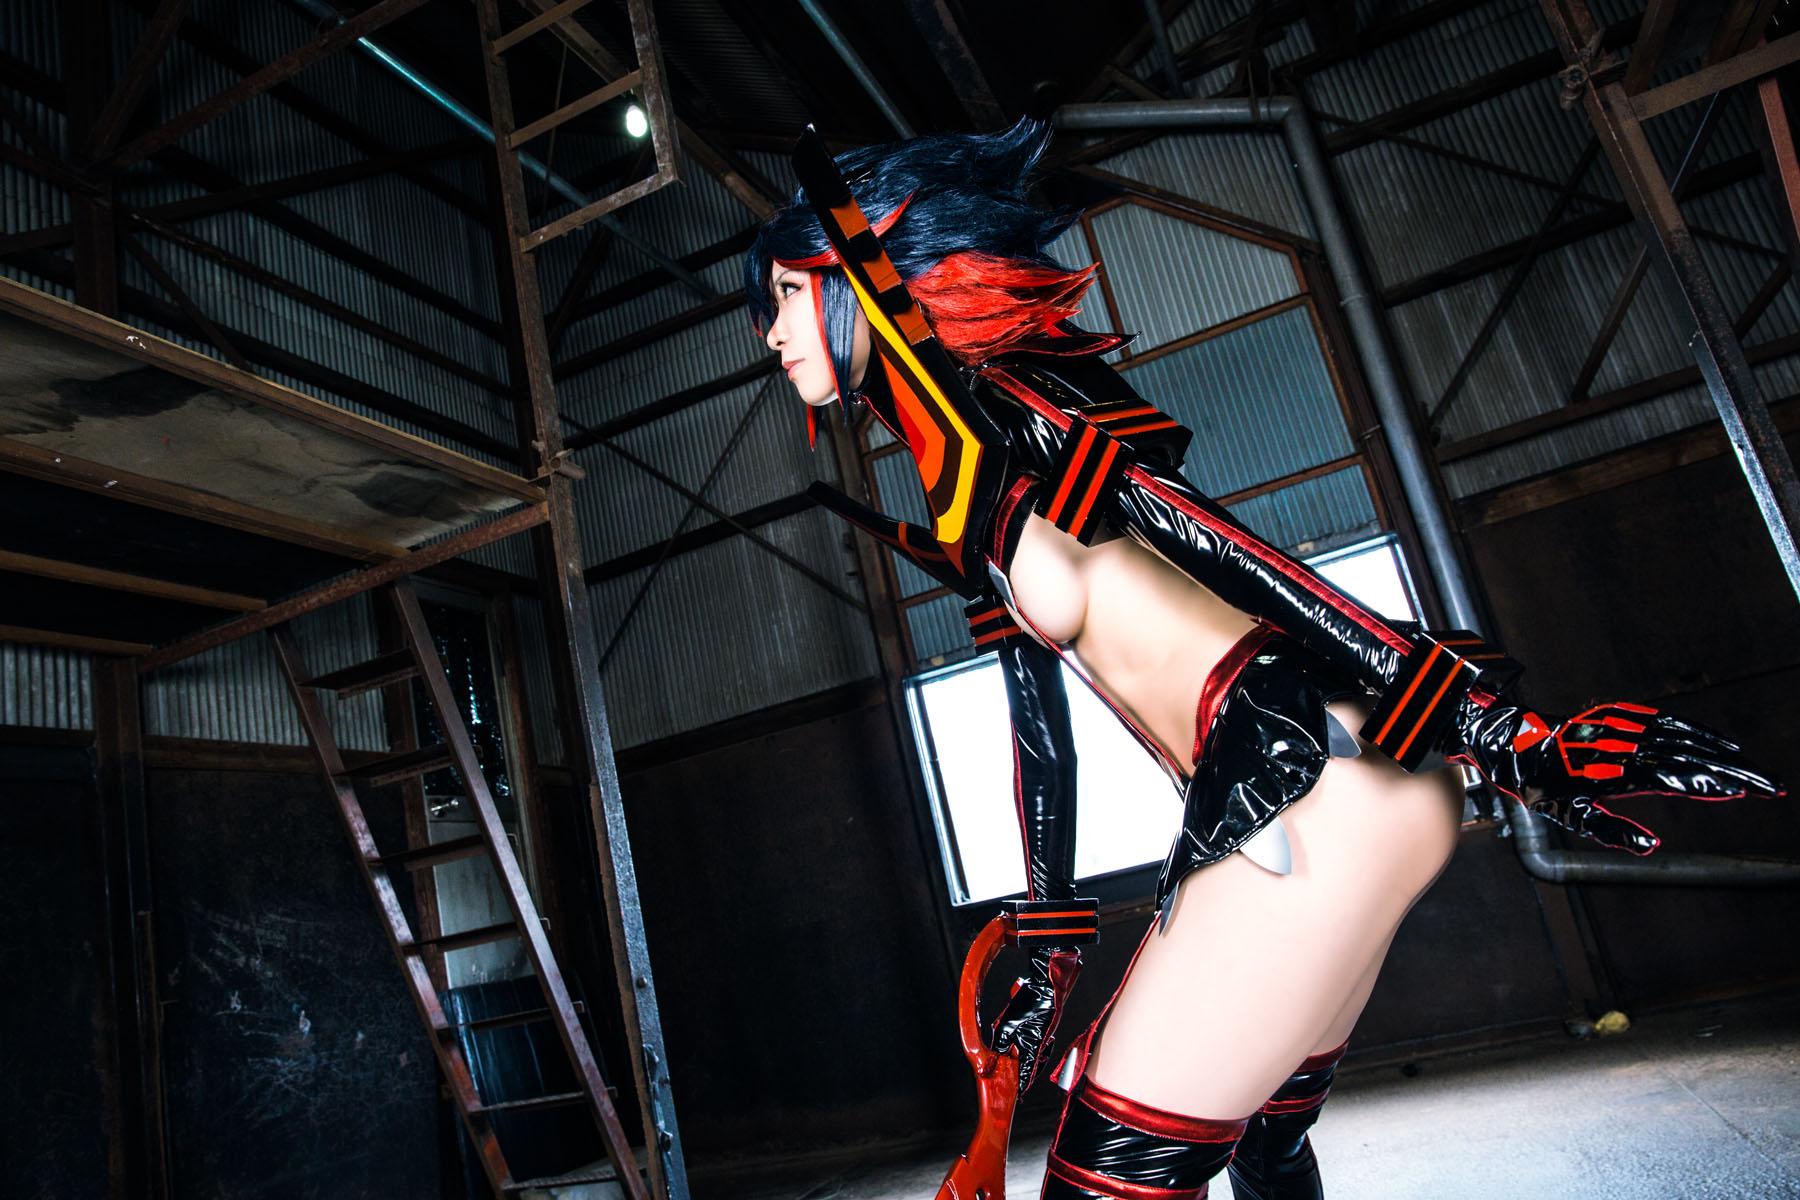 Kill la Kill Ryuuko Matoi anime cosplay by Mikehouse 0010